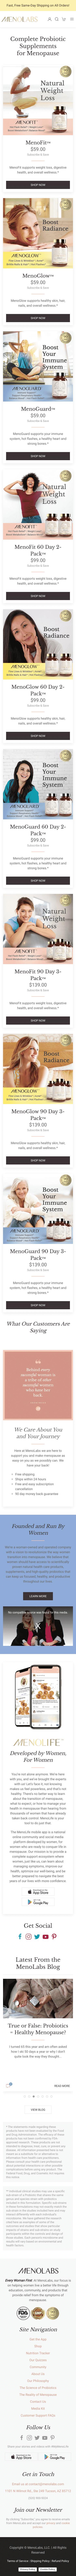 MenoLabs Coupon